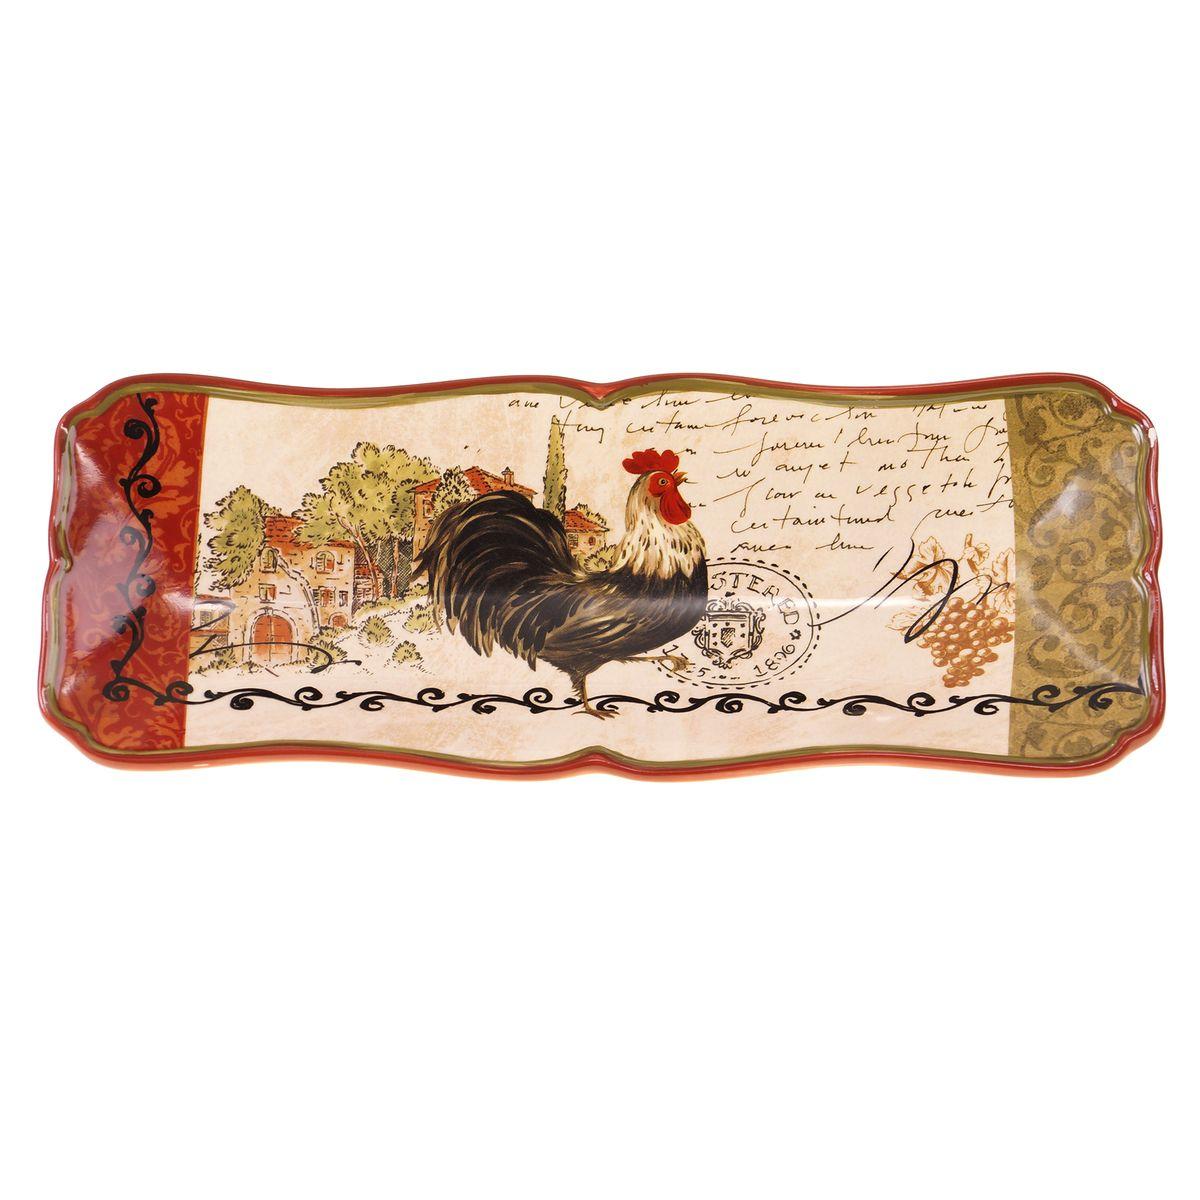 Поднос для хлеба Certified International Тосканский петух, 37 х 13 см22722Изысканный поднос Certified International Тосканский петух выполнен из высококачественной глазурованной керамики. Изделие украшено оригинальным рисунком петуха. Такой поднос идеально подойдет для сервировки хлеба на праздничном столе. Он придется по вкусу и ценителям классики, и тем, кто предпочитает утонченность и изысканность. Размер подноса: 37 х 13 см.